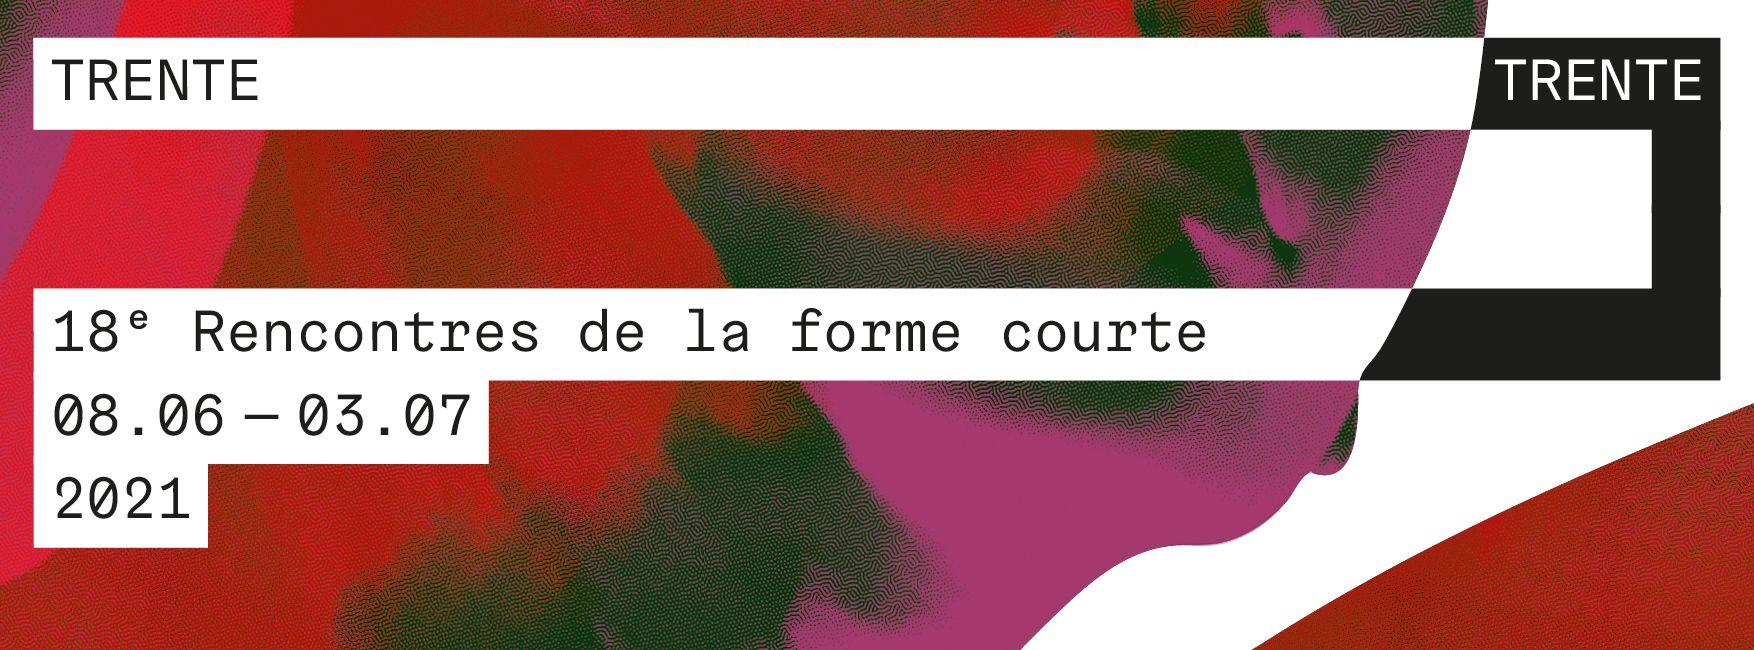 30/ 30 Les rencontres de la forme courte